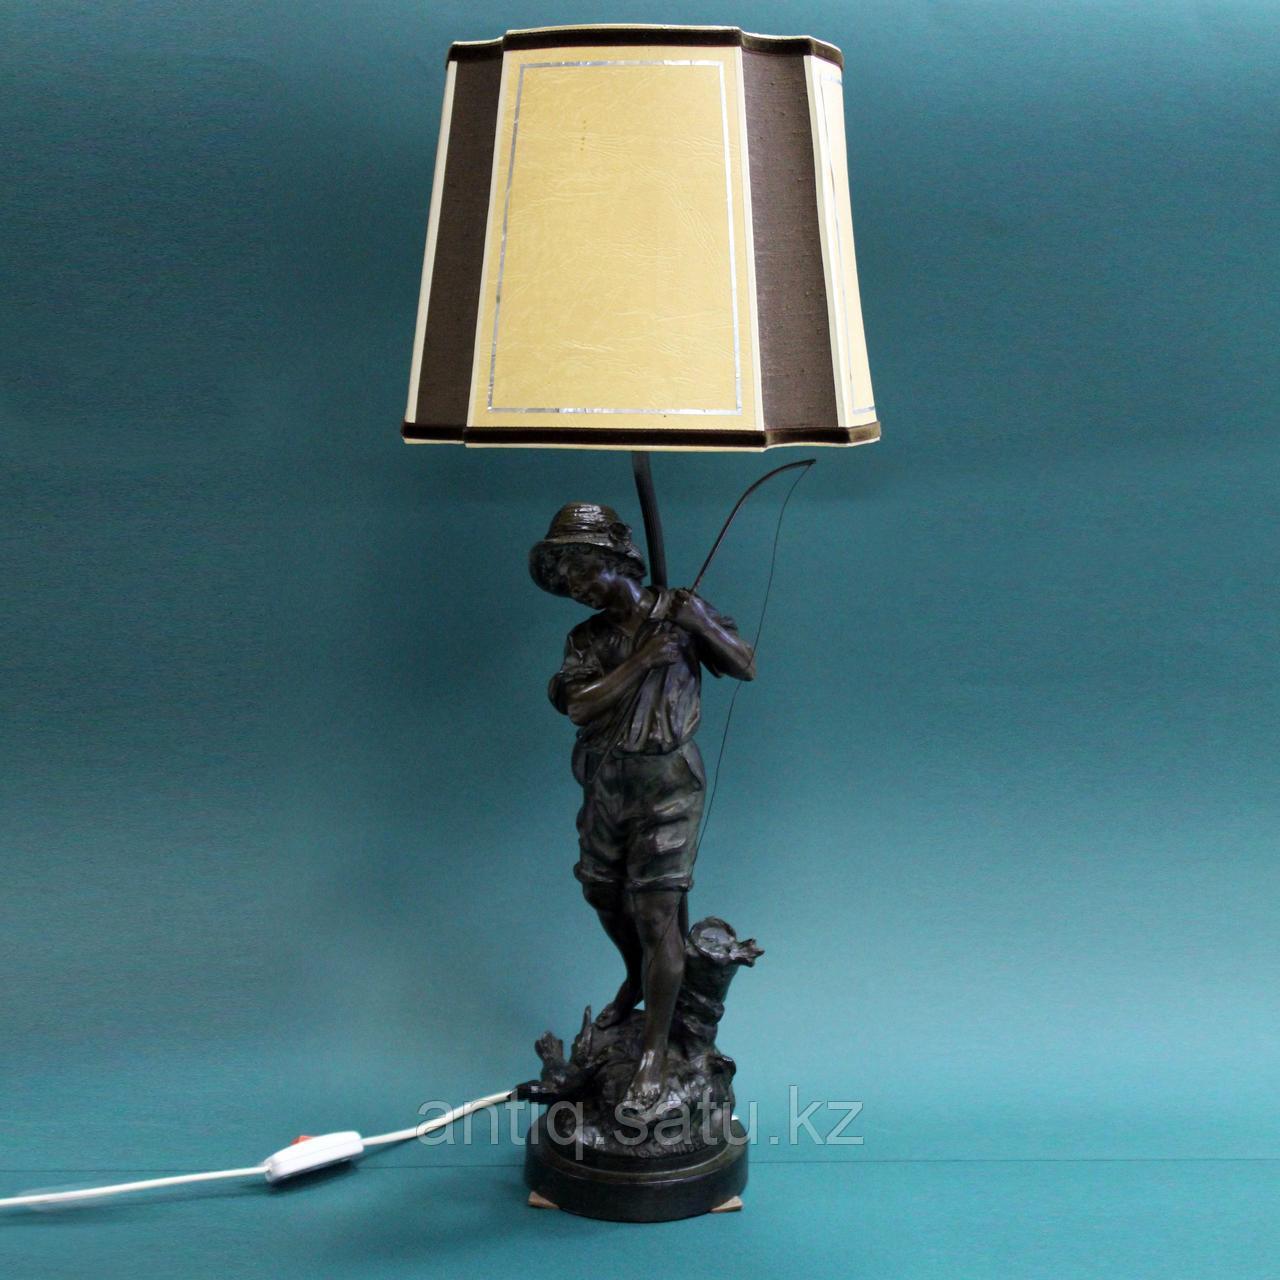 Настольная лампа по модели Франсуа Моро - фото 1